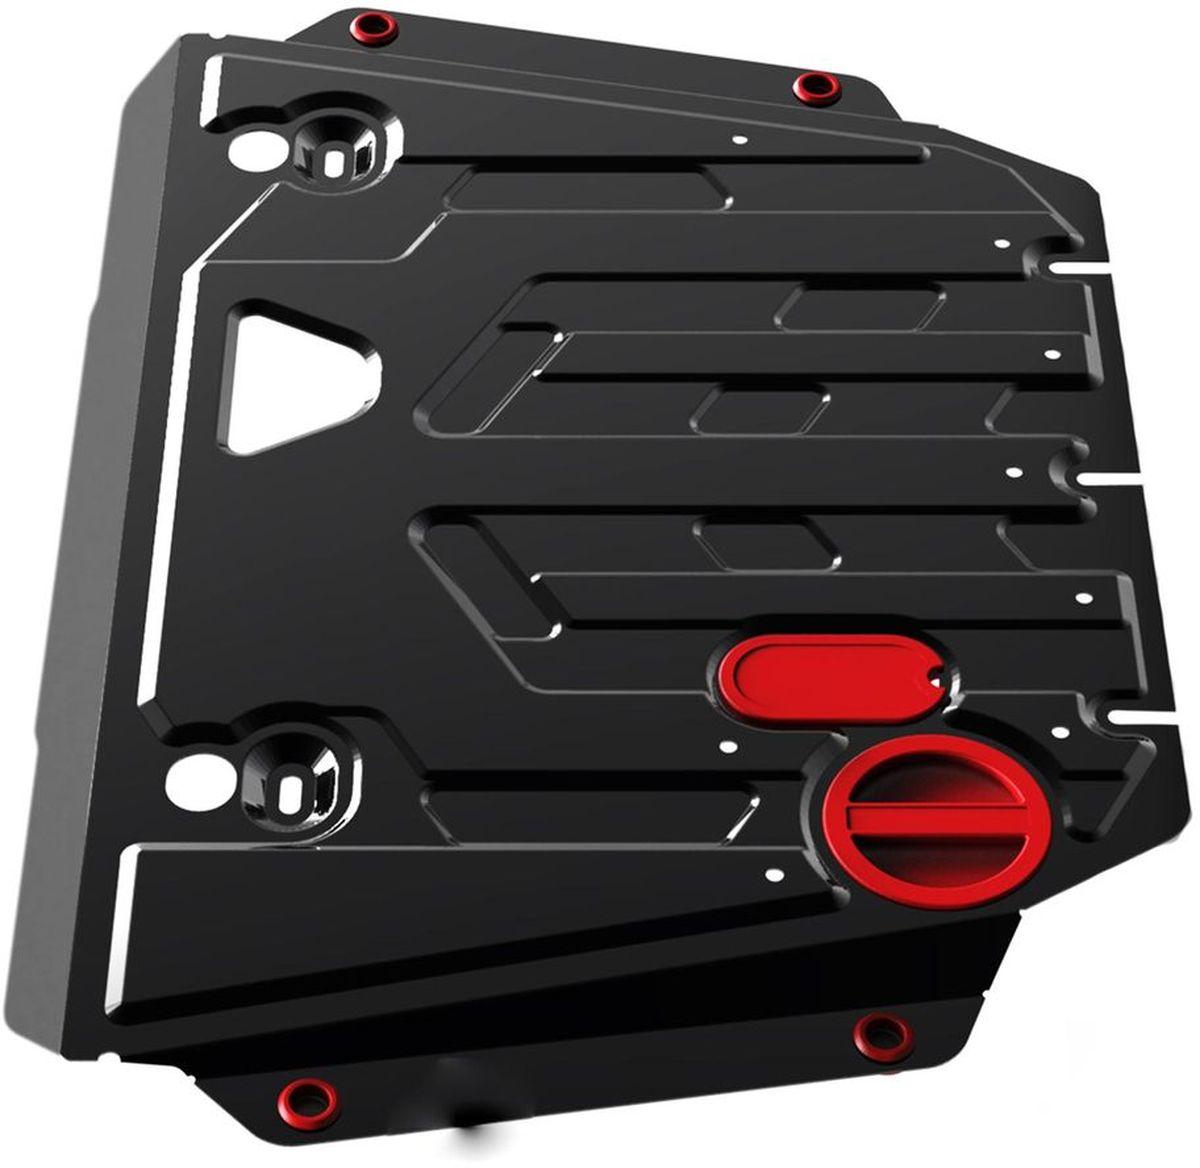 Защита картера и КПП Автоброня, для Kia Picanto, V - все (2011)111.02818.2Технологически совершенный продукт за невысокую стоимость. Защита разработана с учетом особенностей днища автомобиля, что позволяет сохранить дорожный просвет с минимальным изменением. Защита устанавливается в штатные места кузова автомобиля. Глубокий штамп обеспечивает до двух раз больше жесткости в сравнении с обычной защитой той же толщины. Проштампованные ребра жесткости препятствуют деформации защиты при ударах. Тепловой зазор и вентиляционные отверстия обеспечивают сохранение температурного режима двигателя в норме. Скрытый крепеж предотвращает срыв крепежных элементов при наезде на препятствие. Шумопоглощающие резиновые элементы обеспечивают комфортную езду без вибраций и скрежета металла, а съемные лючки для слива масла и замены фильтра - экономию средств и время. Конструкция изделия не влияет на пассивную безопасность автомобиля (при ударе защита не воздействует на деформационные зоны кузова). Со штатным крепежом. В комплекте инструкция по установке....